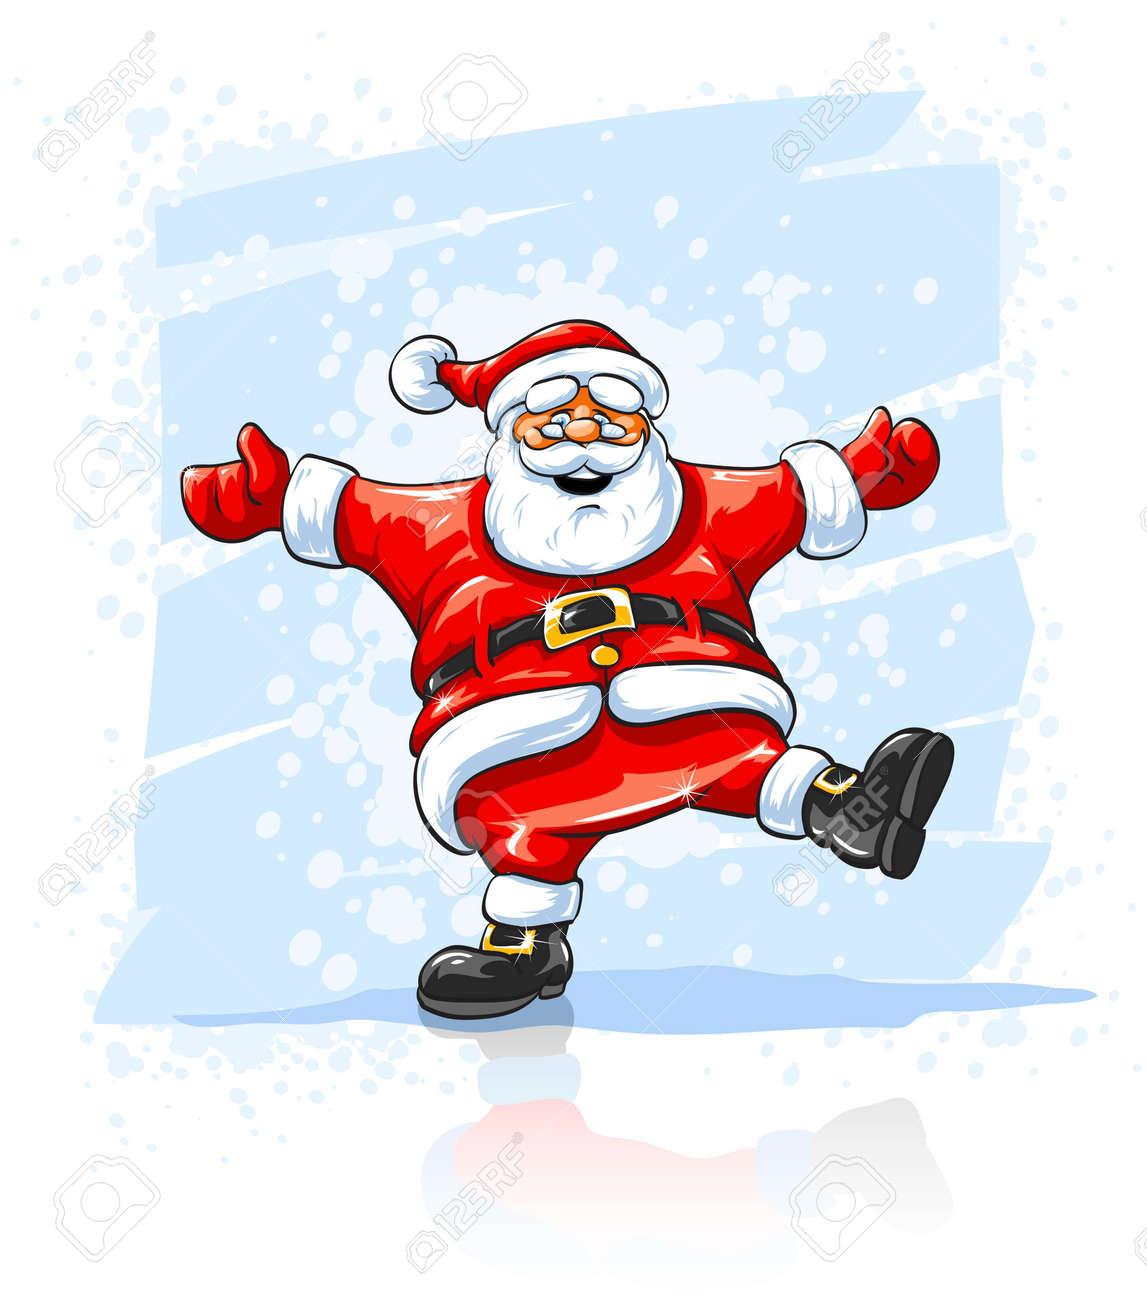 Merry Christmas Santa Claus Dancing Royalty Free Cliparts, Vectors ...